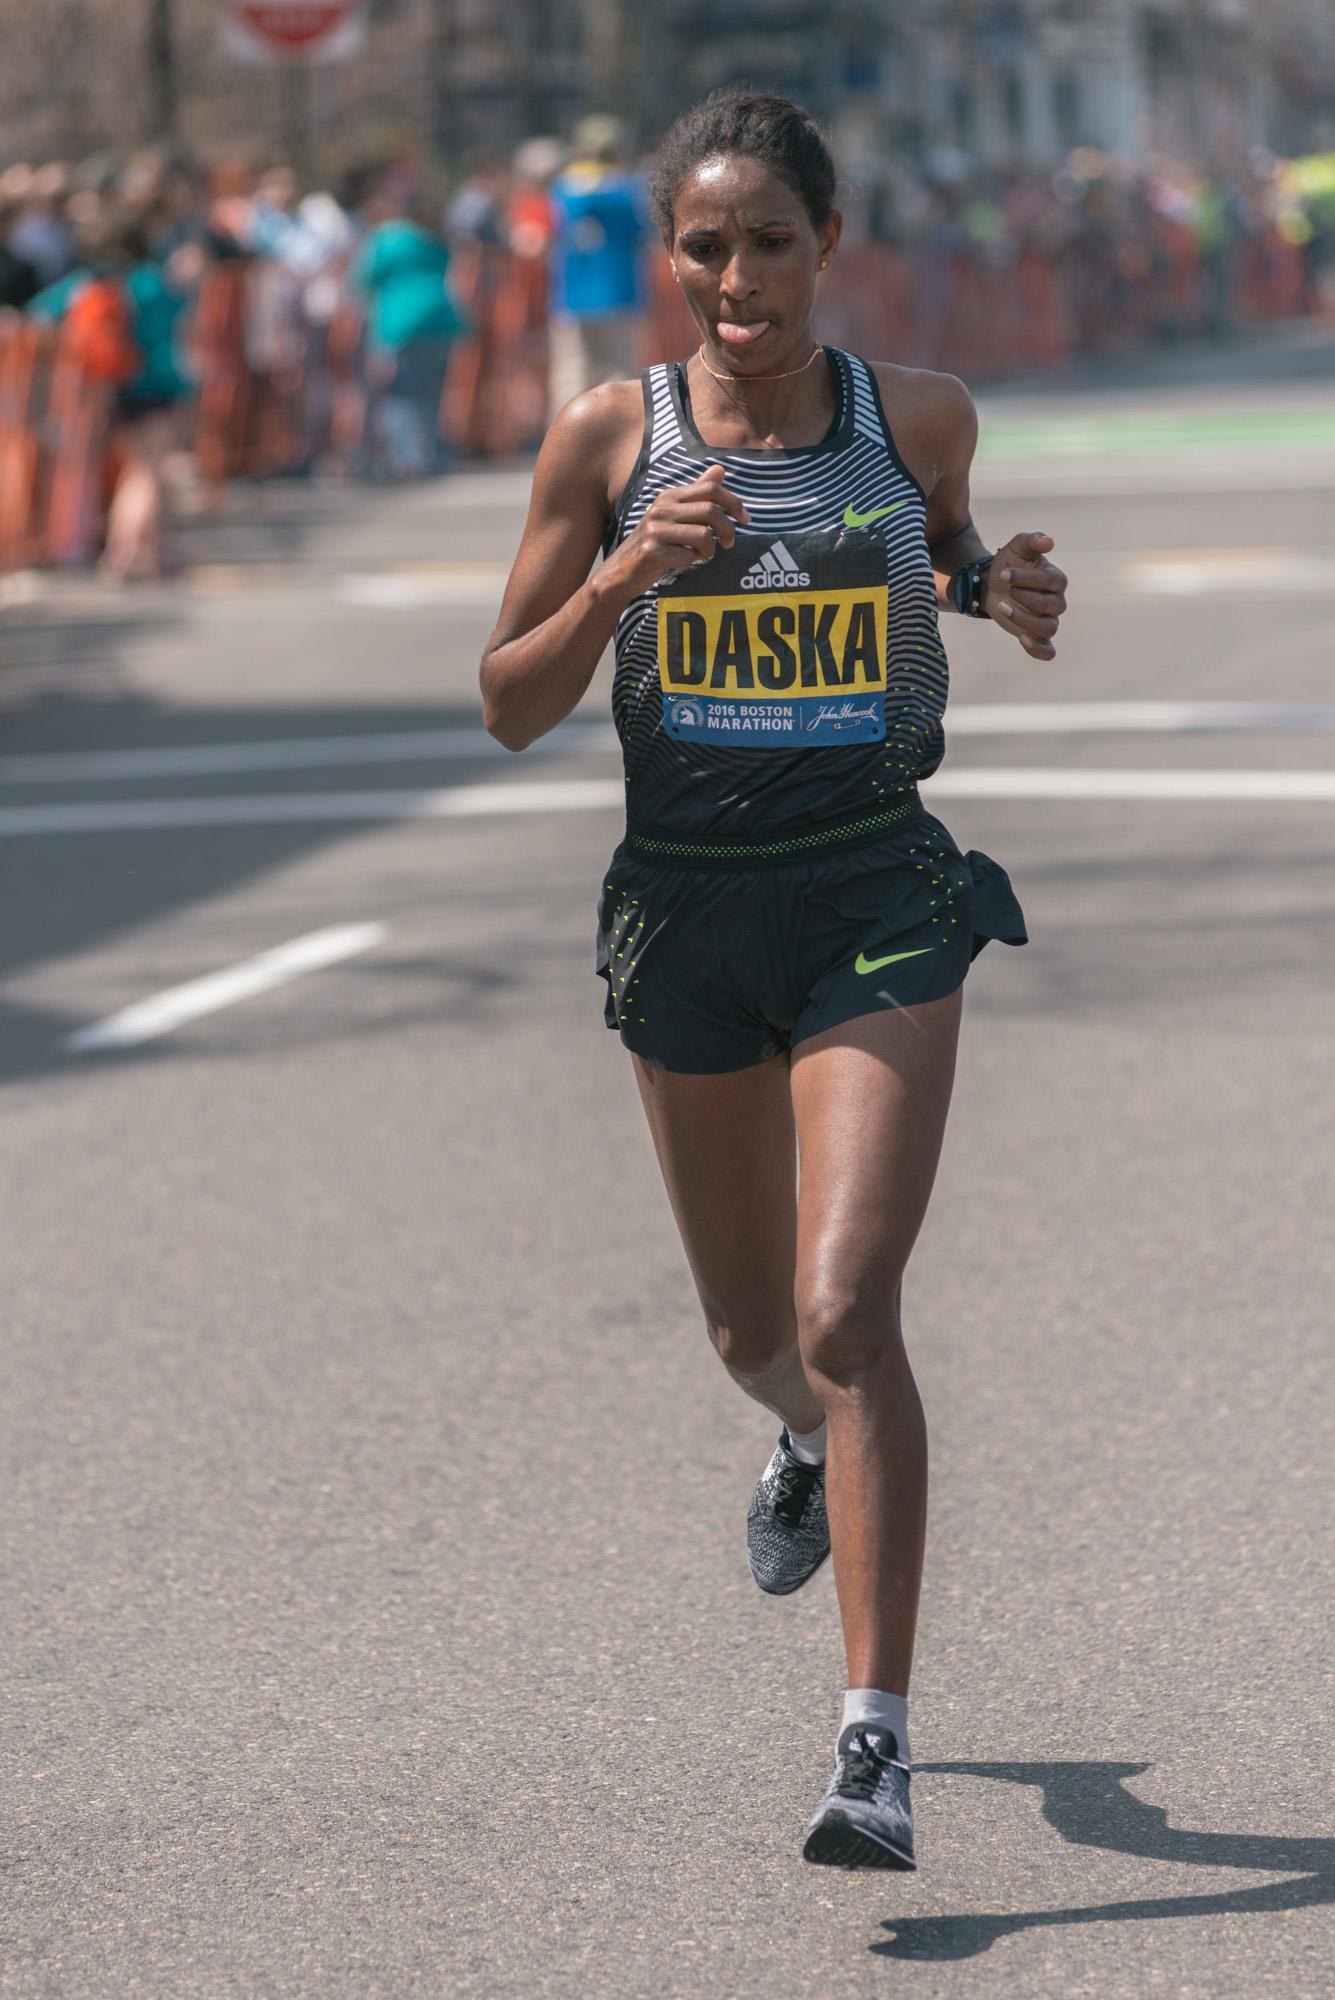 Mamitu Daska -10th place